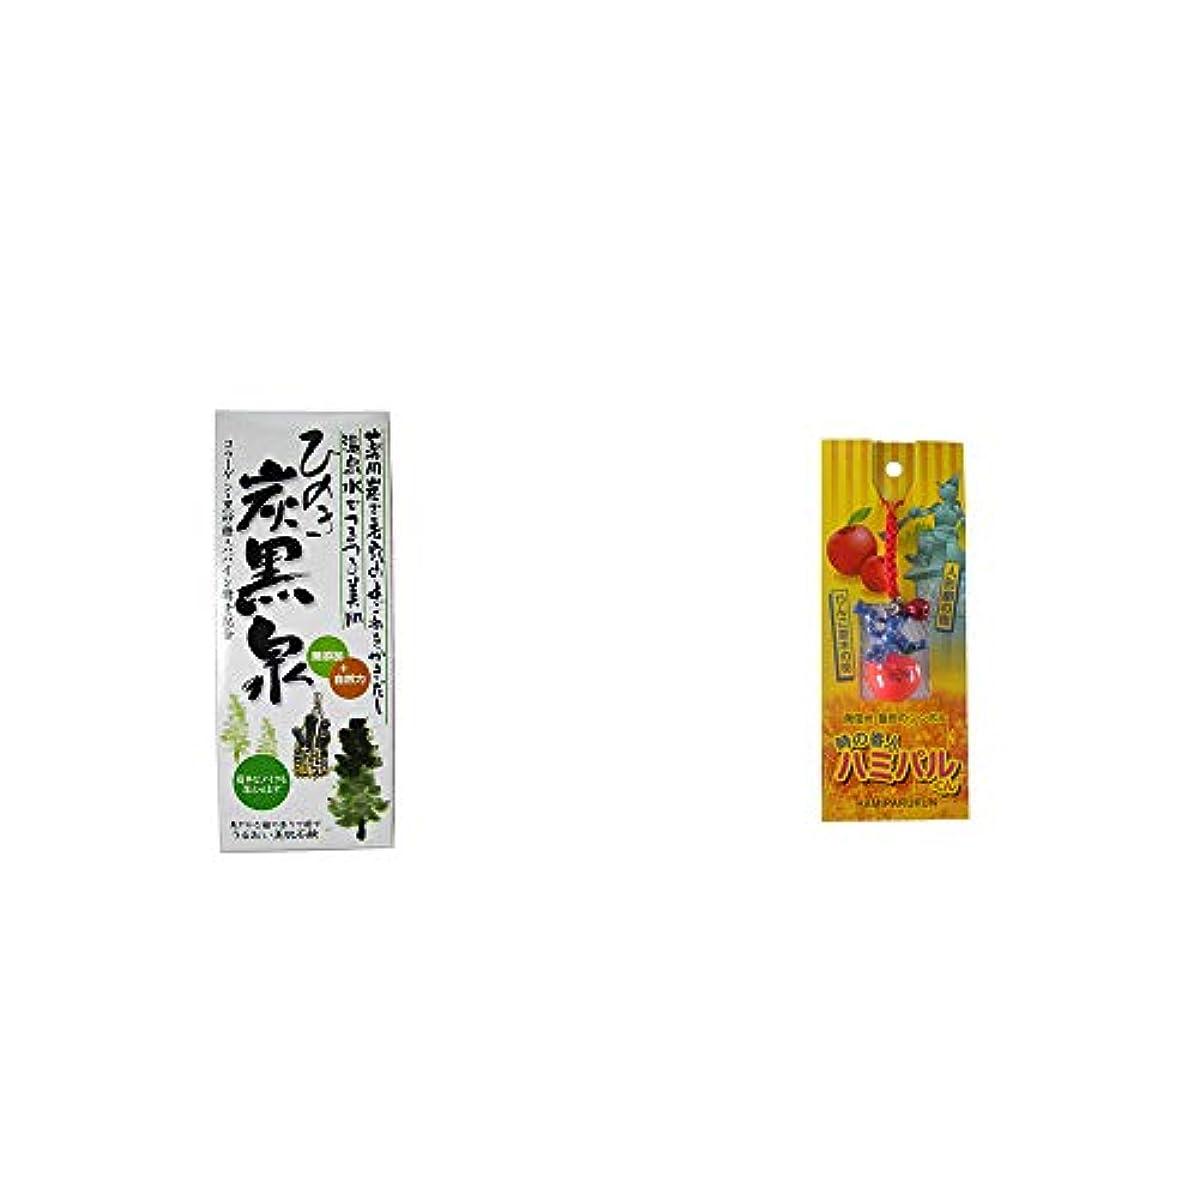 トレース魅惑するまともな[2点セット] ひのき炭黒泉 箱入り(75g×3)?信州?飯田のシンボル 時の番人ハミパルくんストラップ